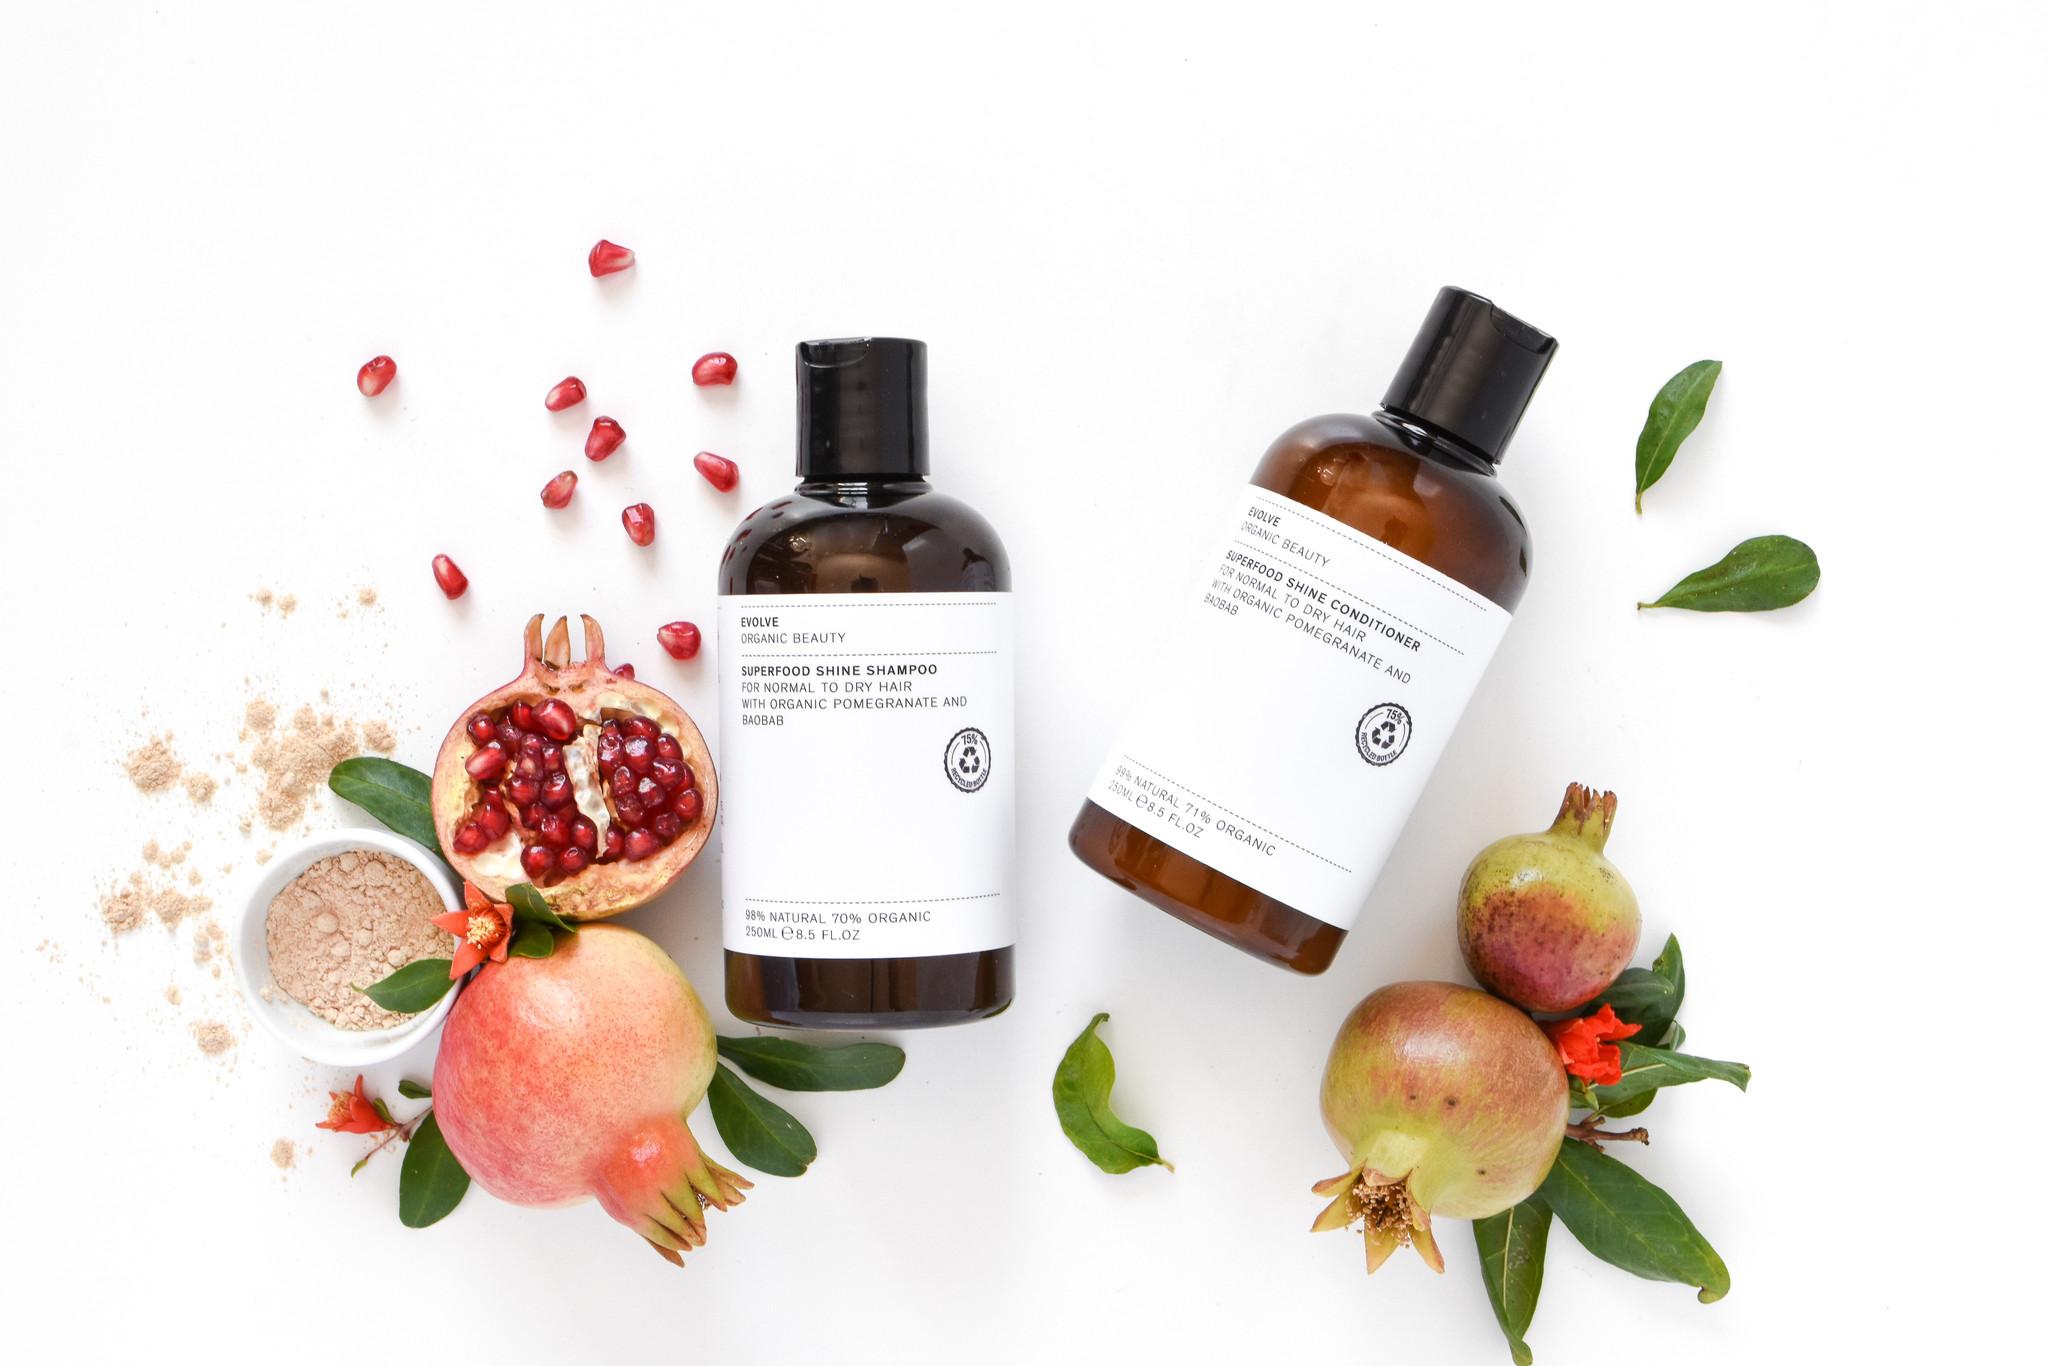 Evolve Beauty  Superfood Shine Shampoo  Duo 250 ml